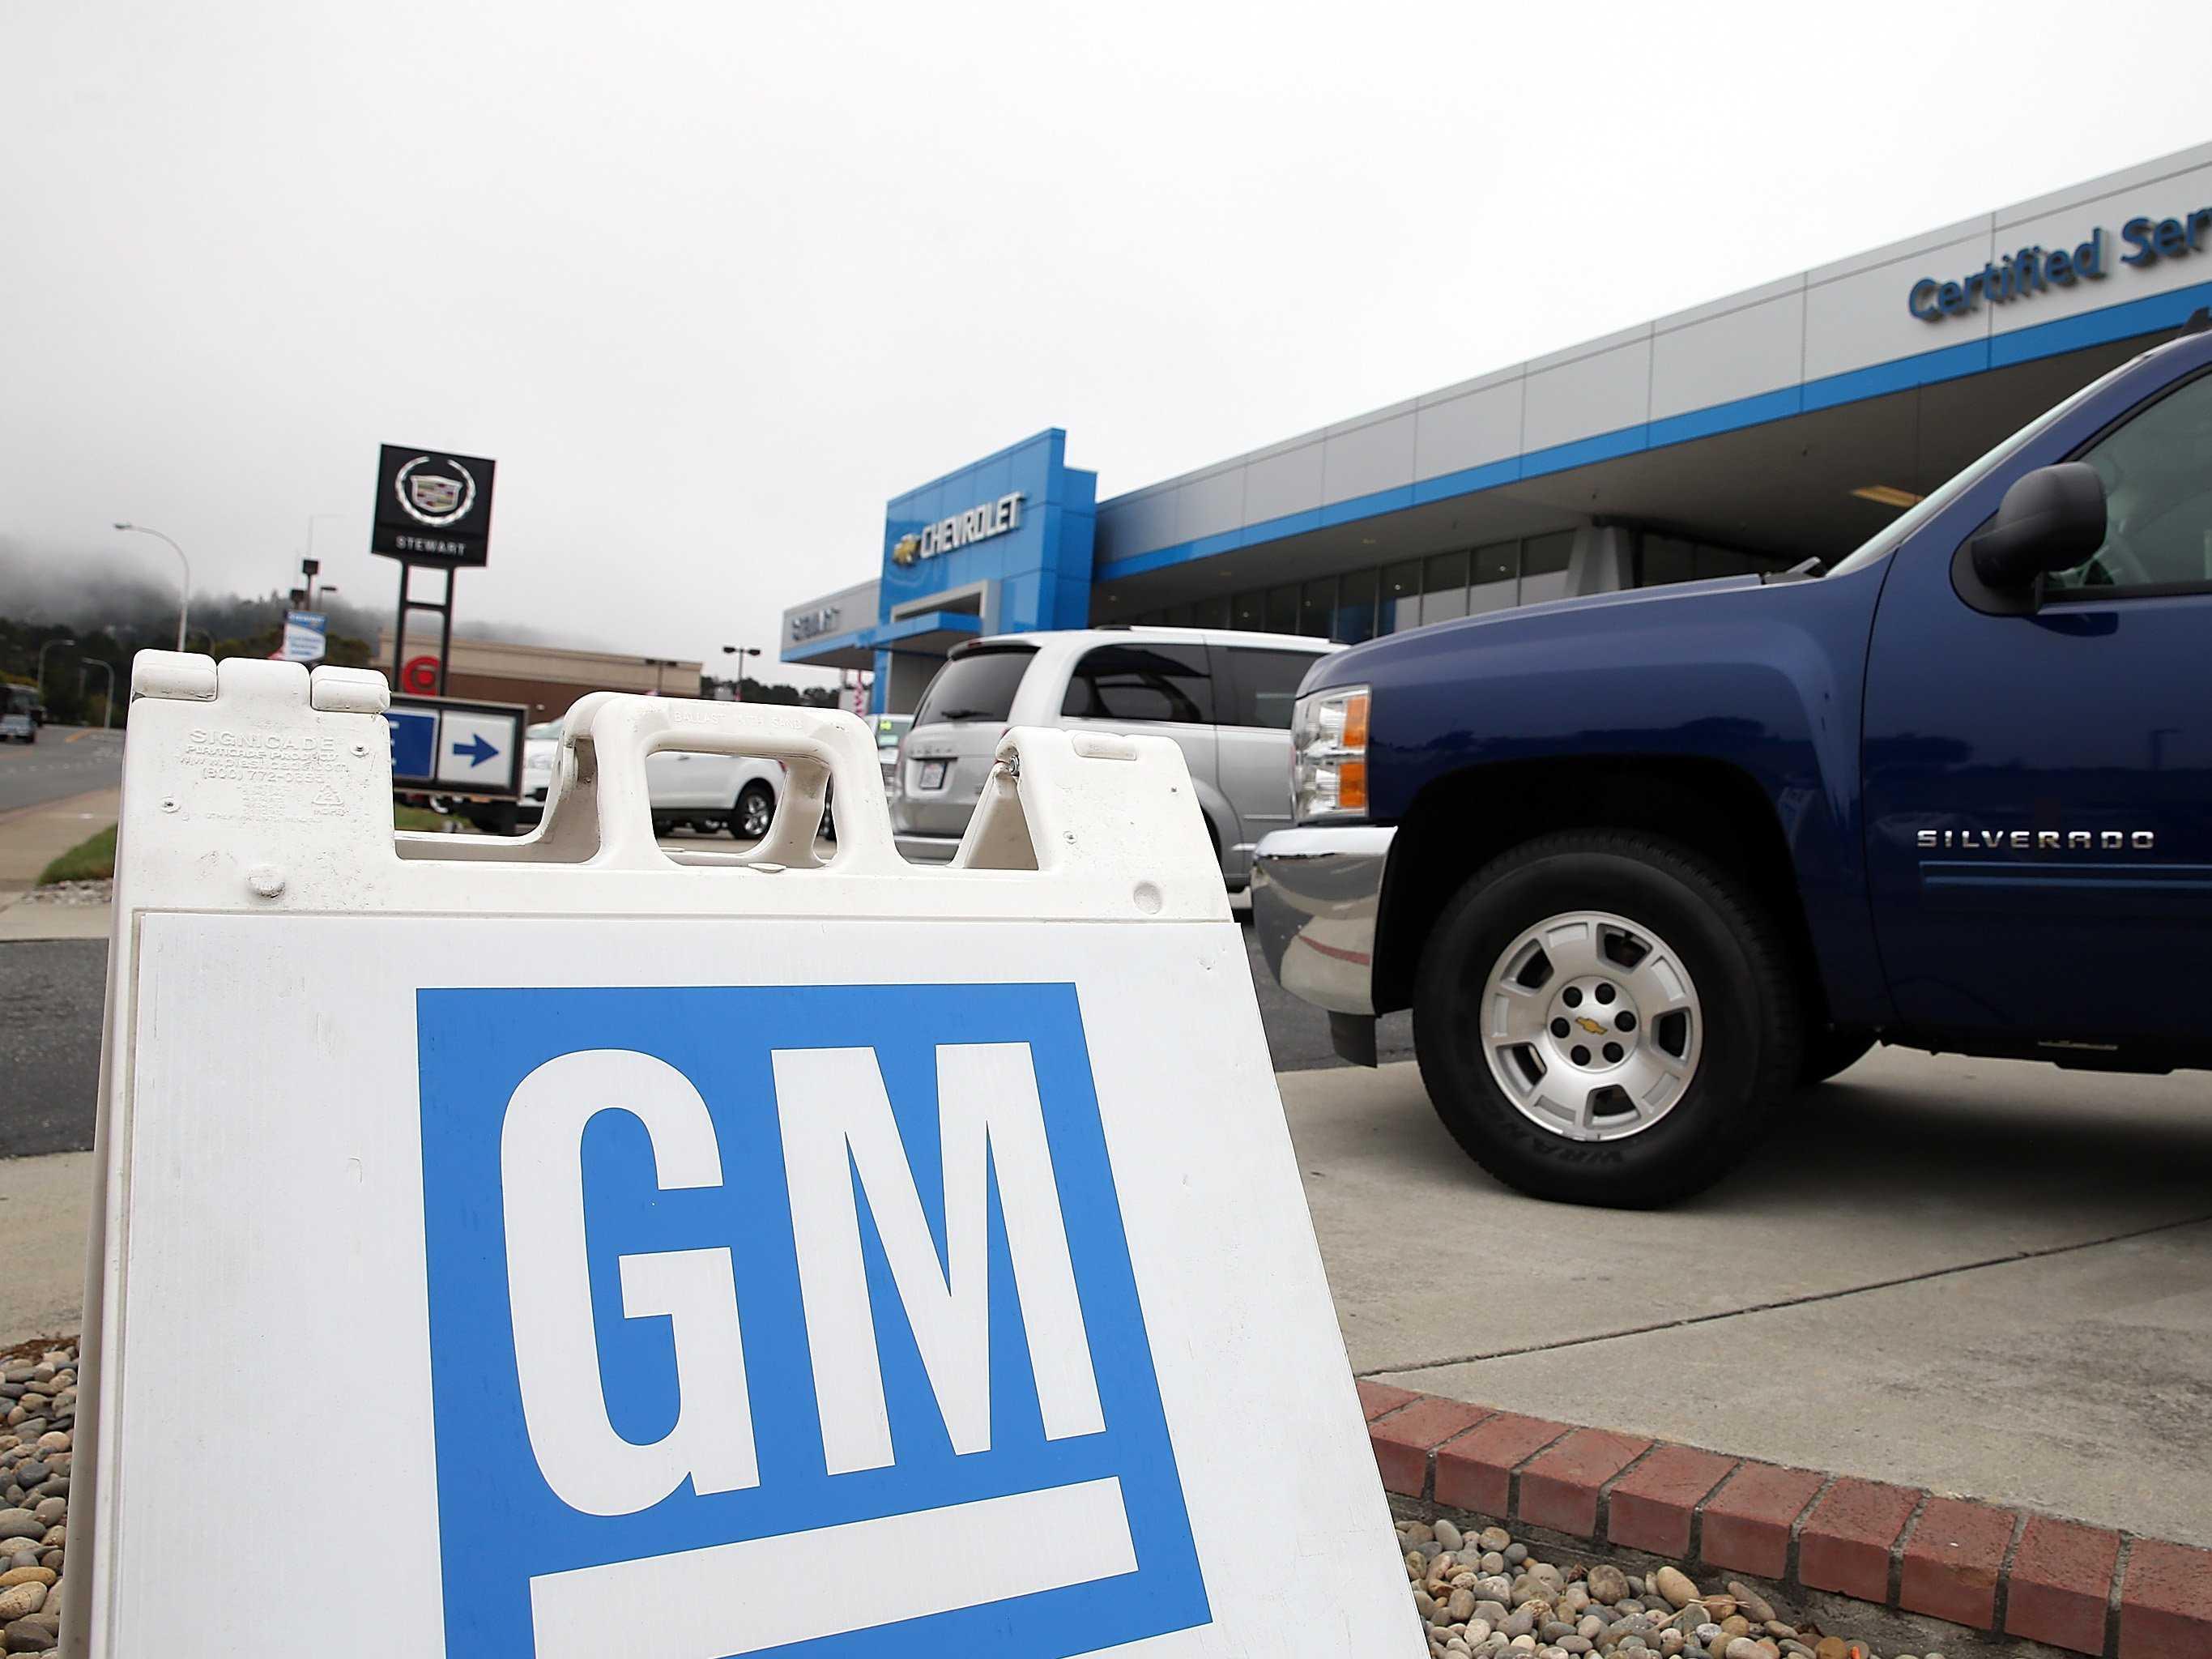 Objectifs de fond, stratégie et médias sociaux : le cas de General Motors